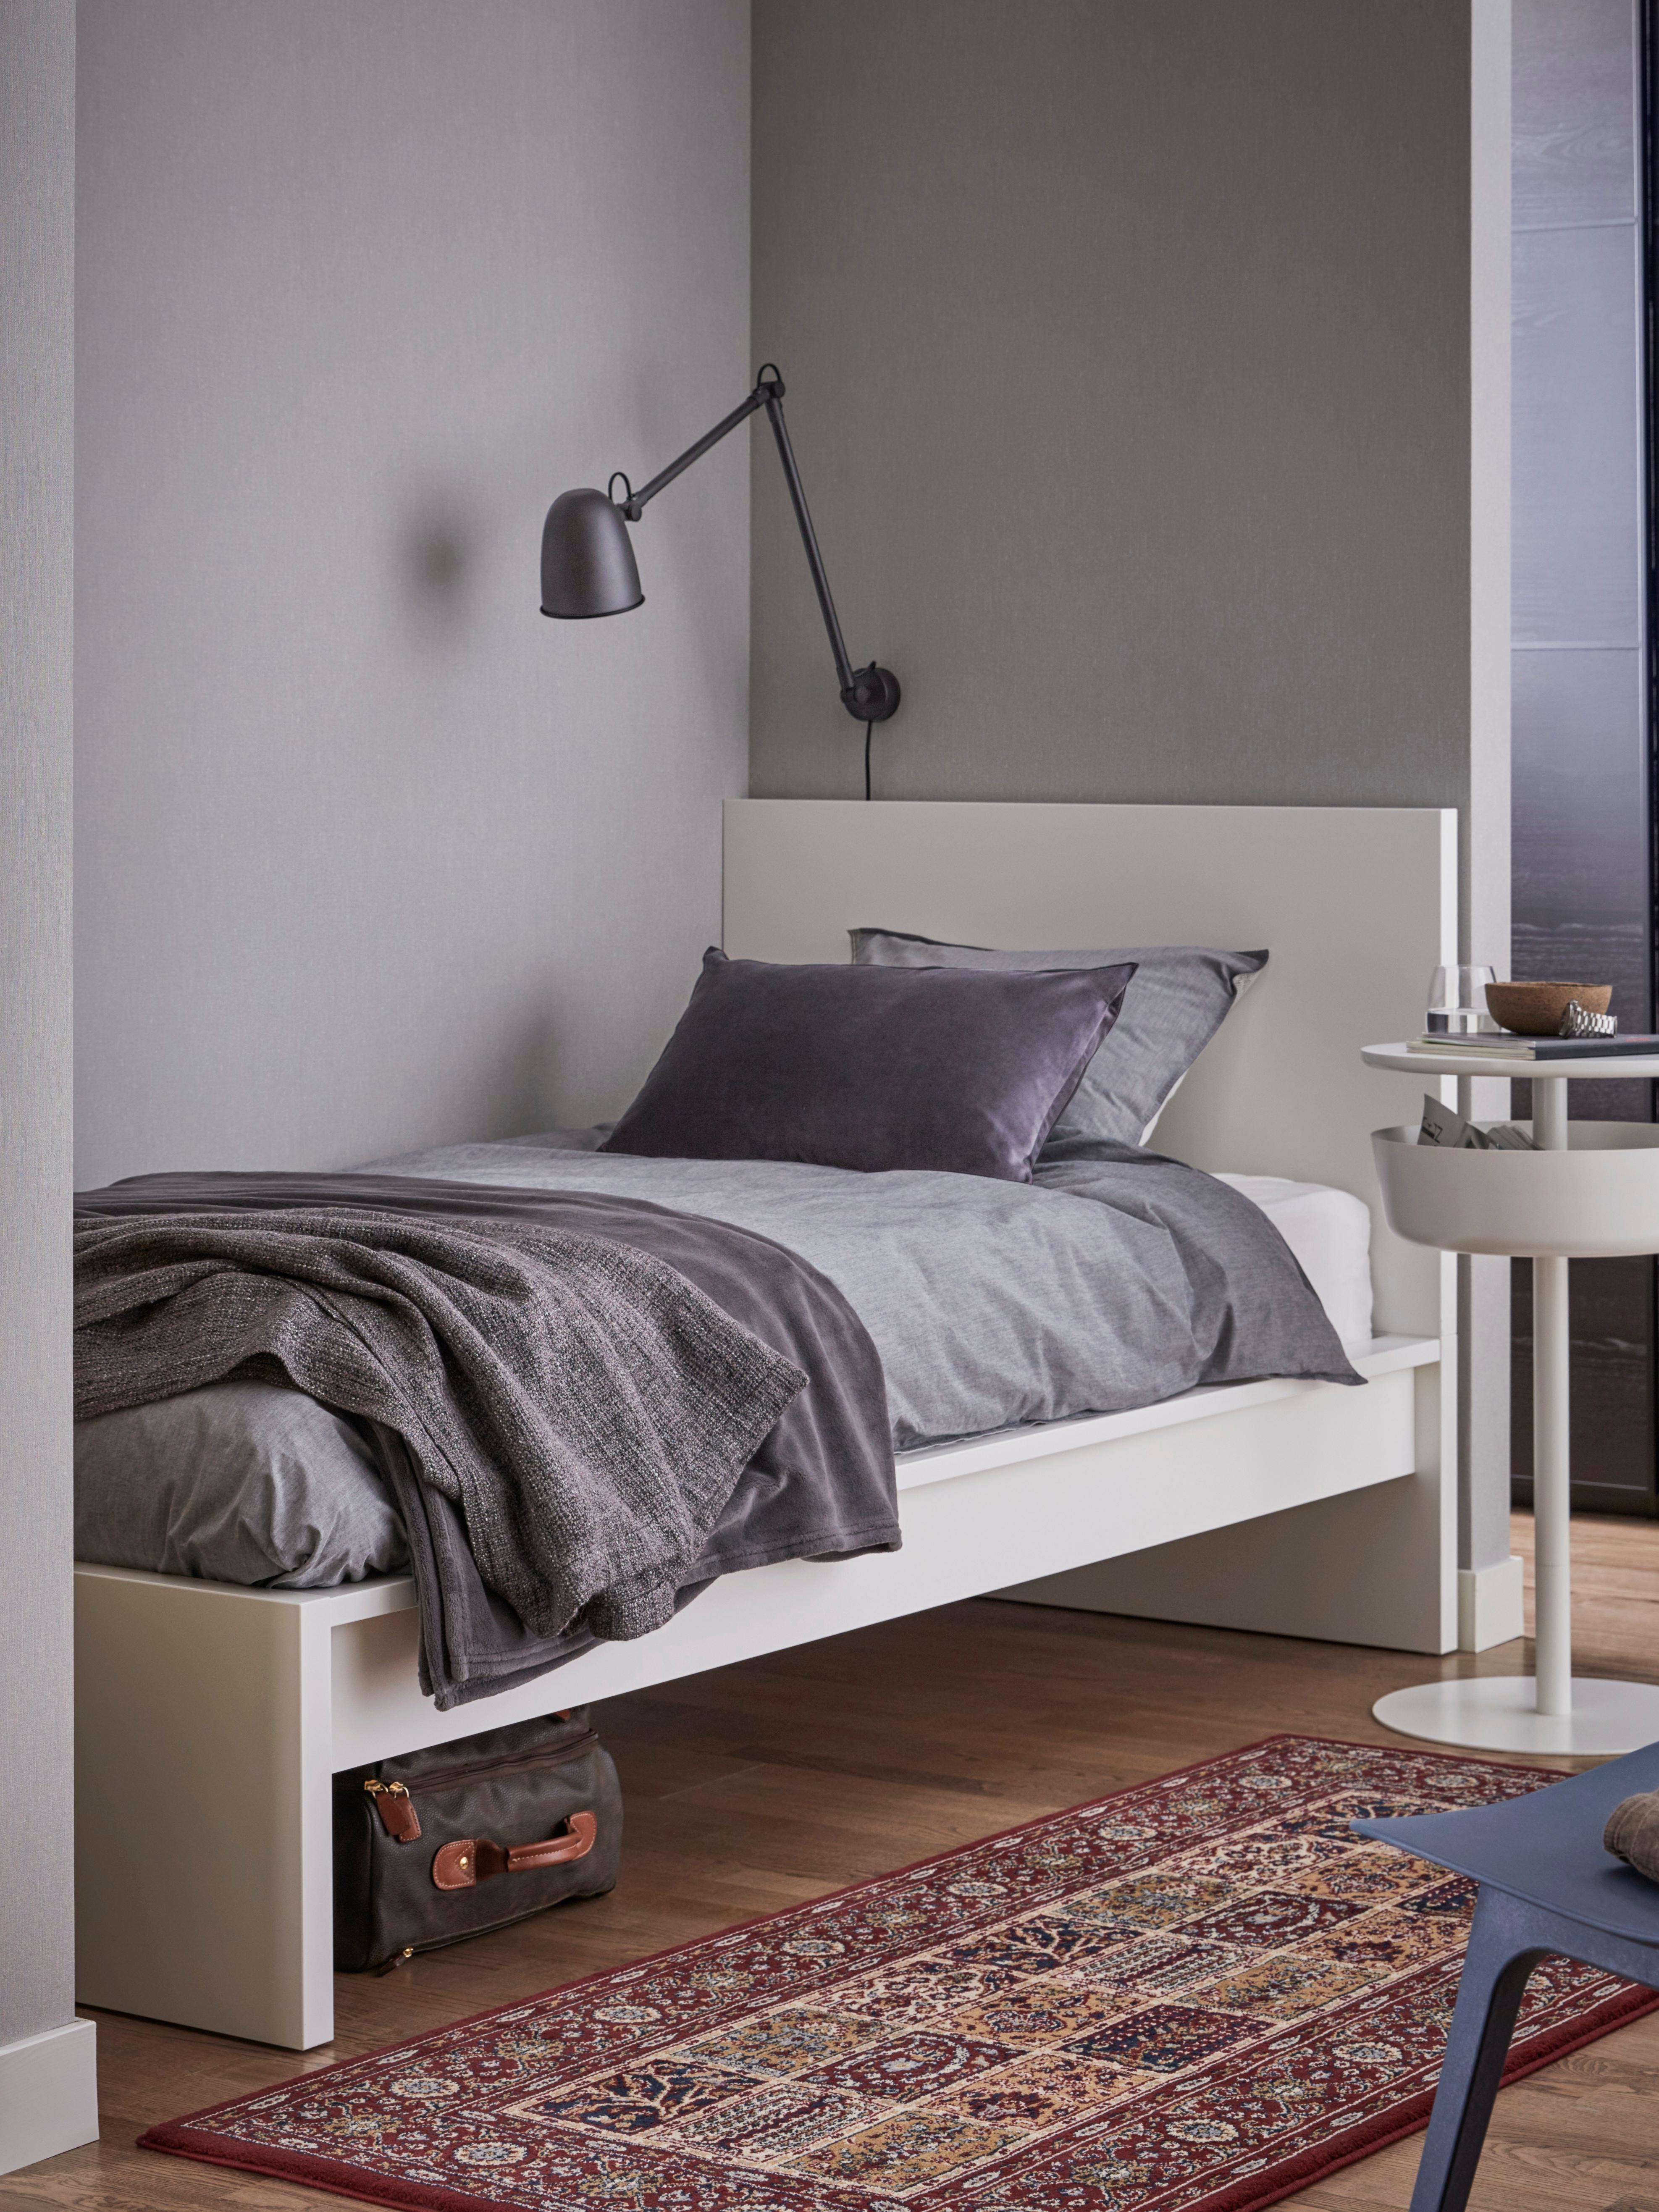 Struttura letto alta MALM bianca, copripiumino grigio, plaid grigio scuro e lampada da parete grigio scuro in una stanza con le pareti grigie.